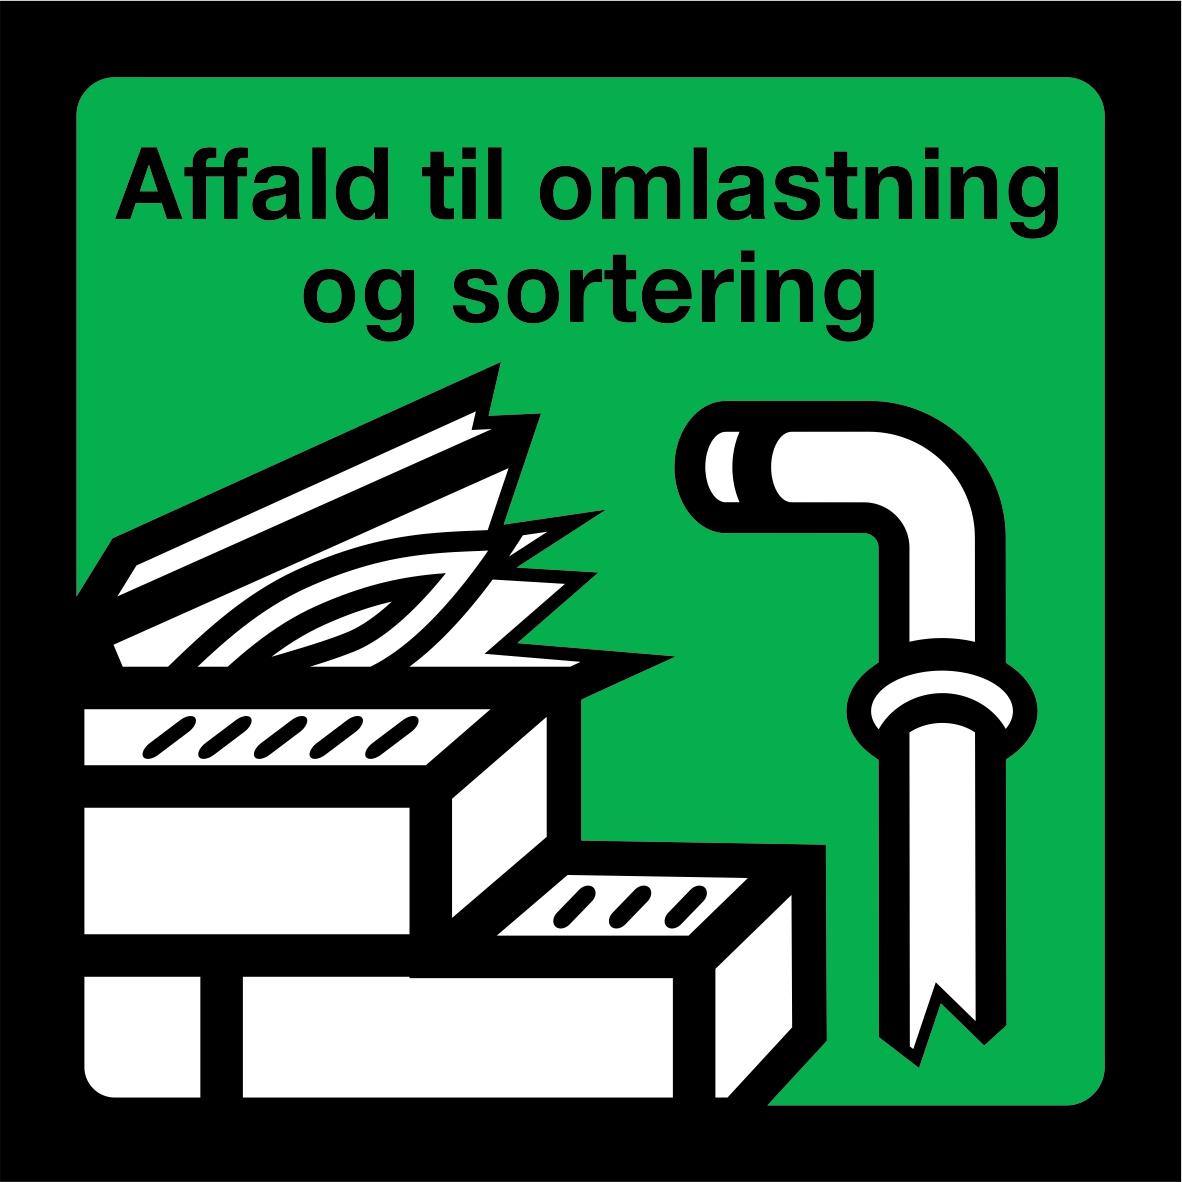 Affald til omlastning og sortering